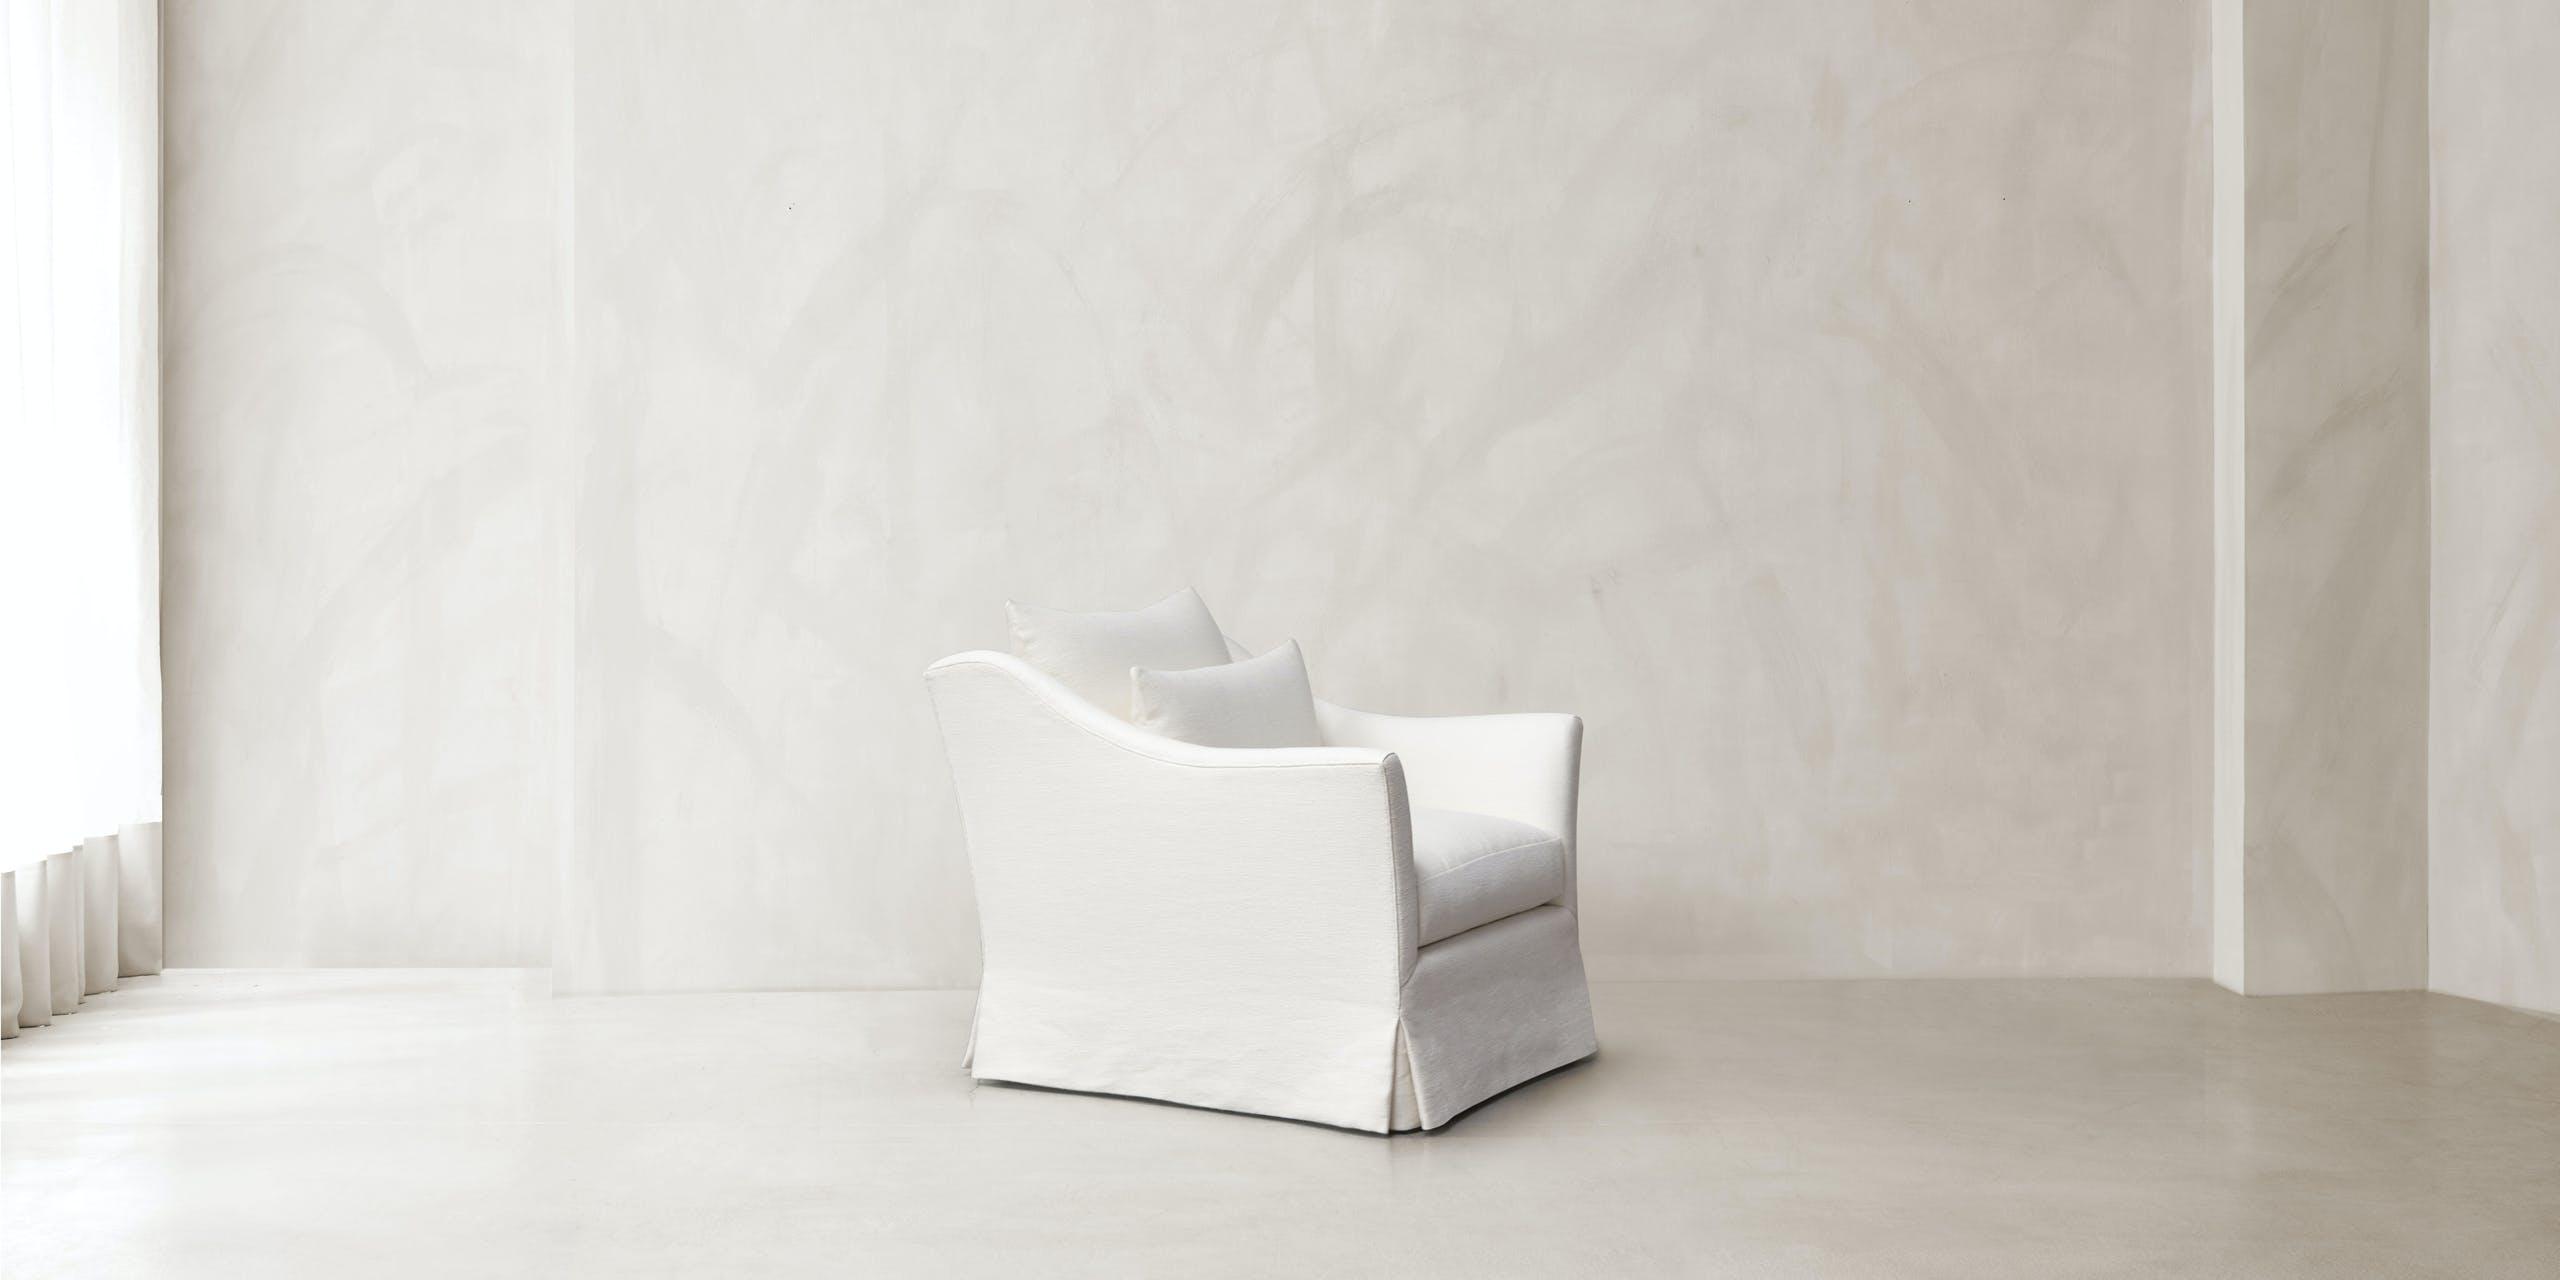 Seine iii lounge chair main.jpg?ixlib=rails 2.1